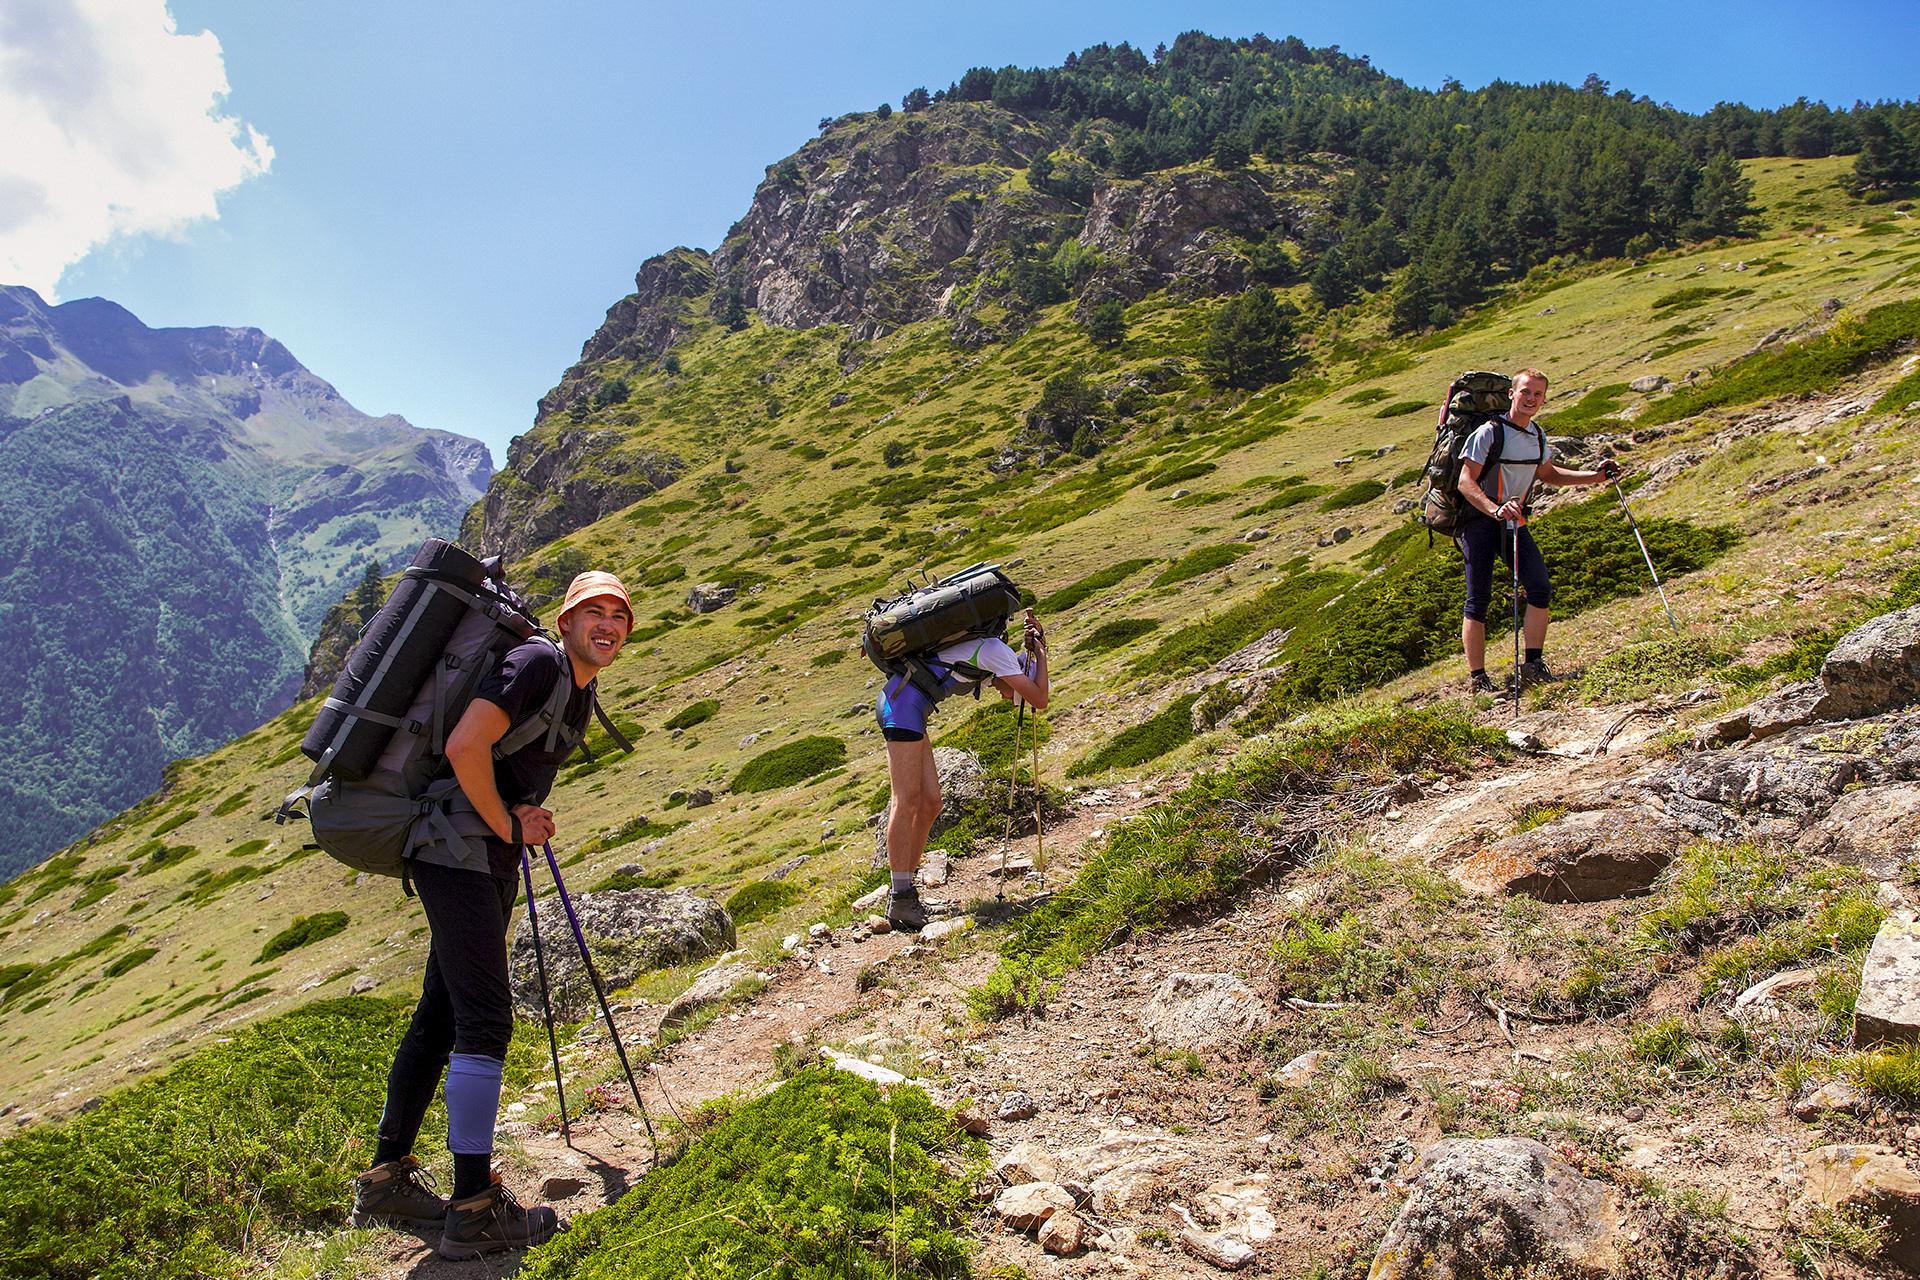 Wandern und Klettern in den Tiroler Alpen